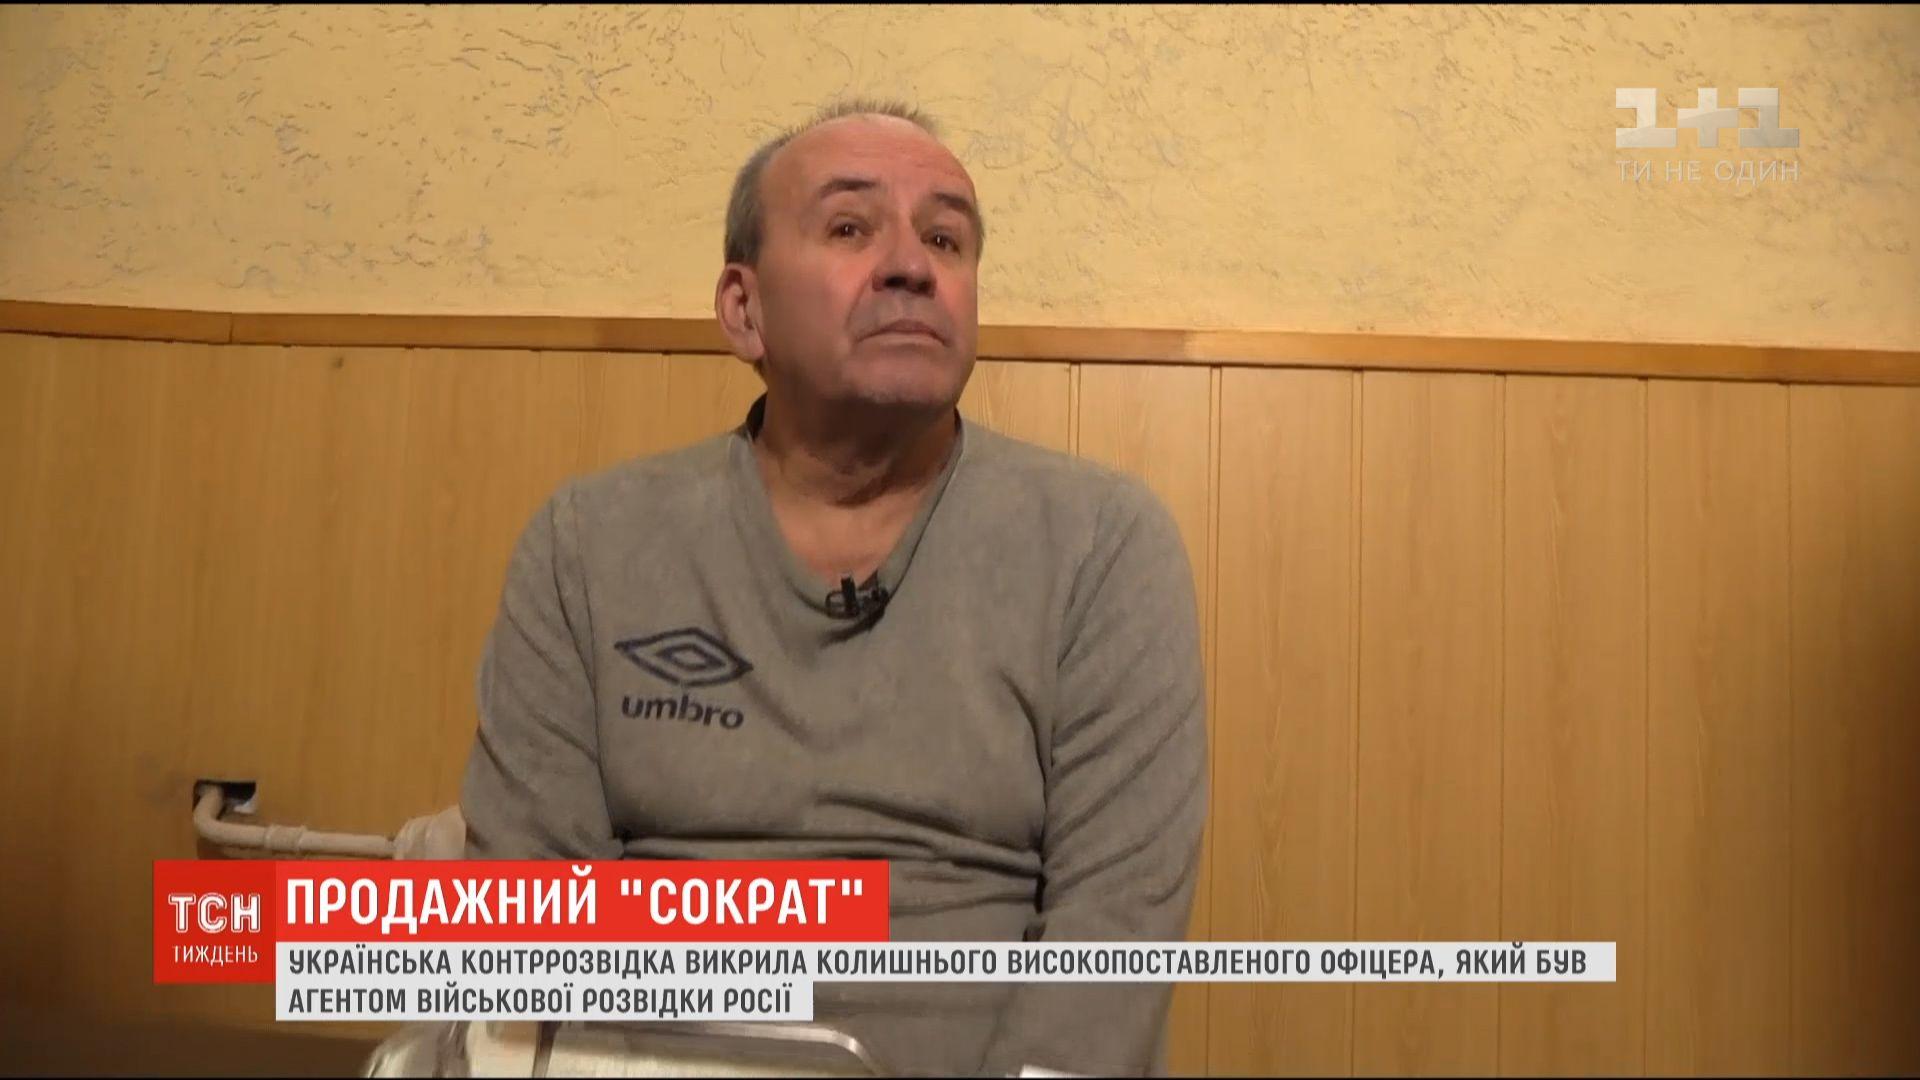 Свого часу СергійЛазарєввміністерстві оборонивідповідав за облік усієї техніки в Збройних Силах / скріншот